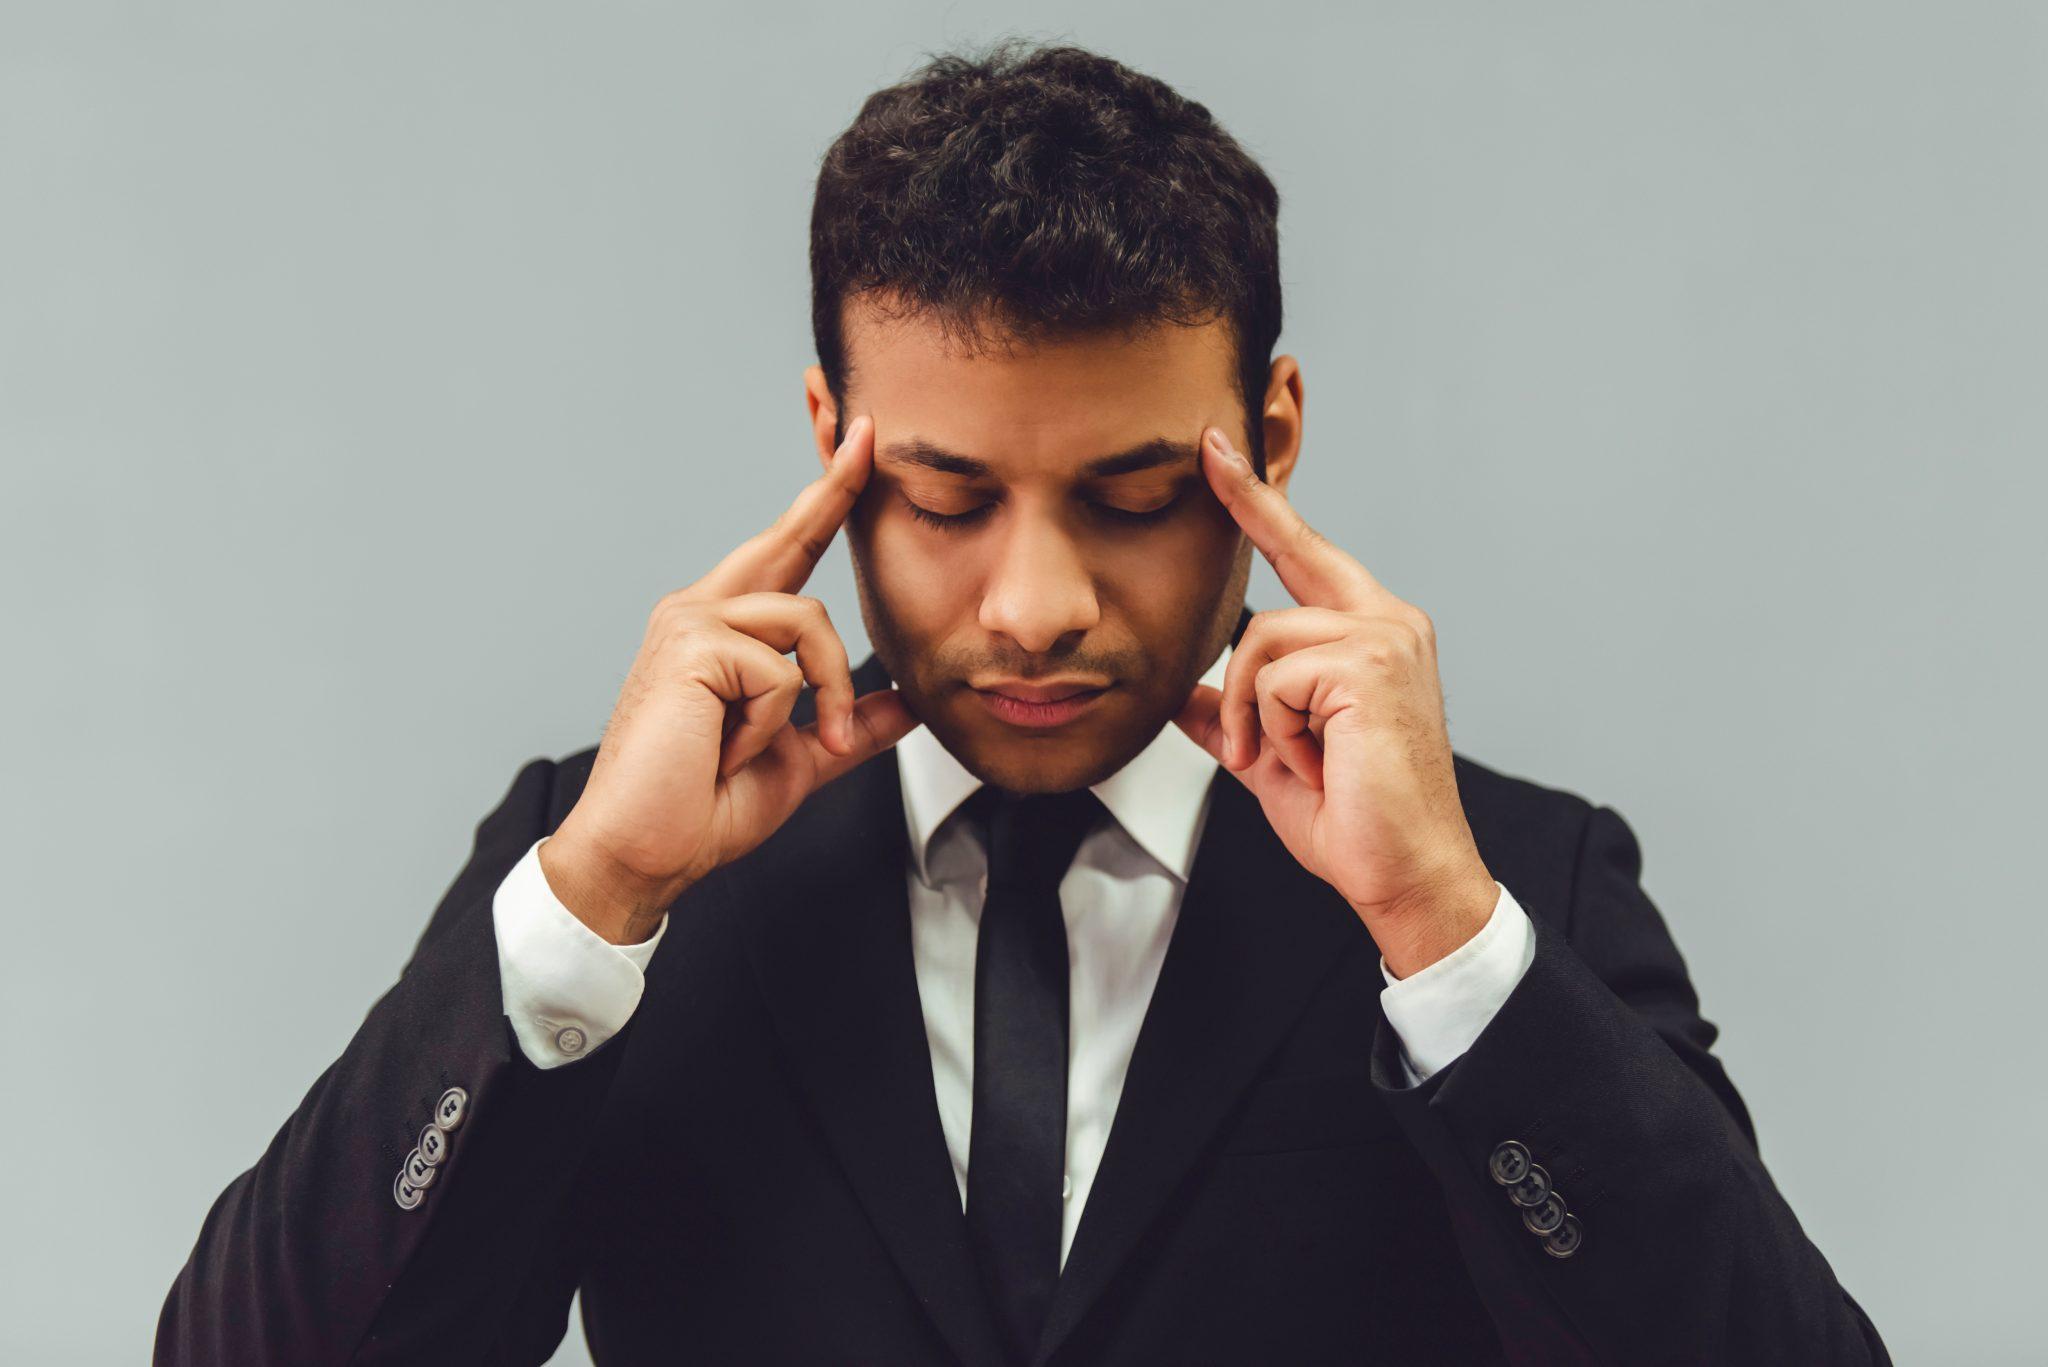 集中力を高めているビジネスマン